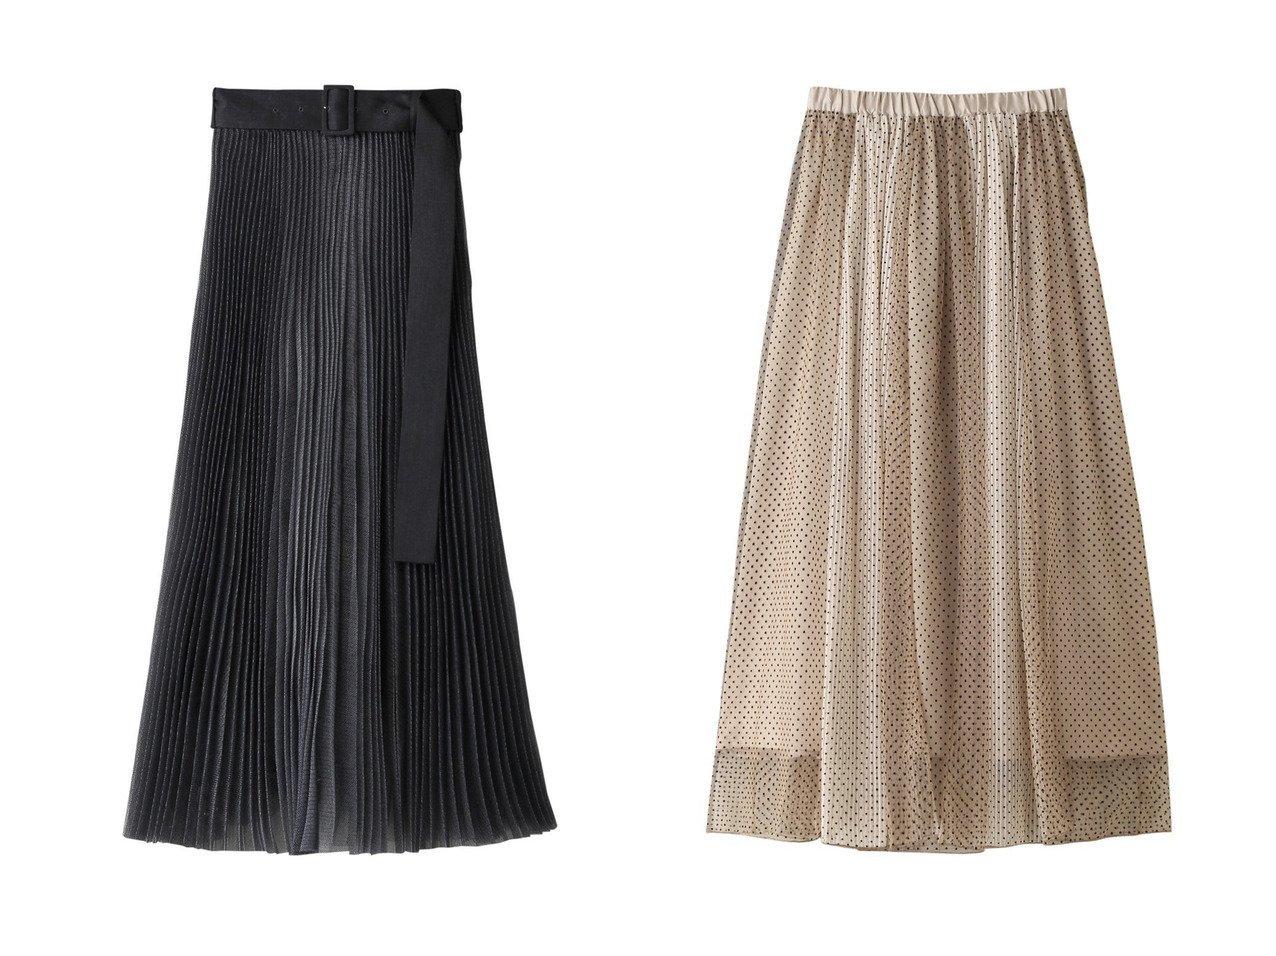 【The Virgnia/ザ ヴァージニア】のフロッキードットストライプチュールスカート&【LE PHIL/ル フィル】のドッキングプリーツスカート スカートのおすすめ!人気、レディースファッションの通販 おすすめで人気のファッション通販商品 インテリア・家具・キッズファッション・メンズファッション・レディースファッション・服の通販 founy(ファニー) https://founy.com/ ファッション Fashion レディース WOMEN スカート Skirt プリーツスカート Pleated Skirts ロングスカート Long Skirt オーガンジー シンプル プリーツ ロング |ID:crp329100000000053